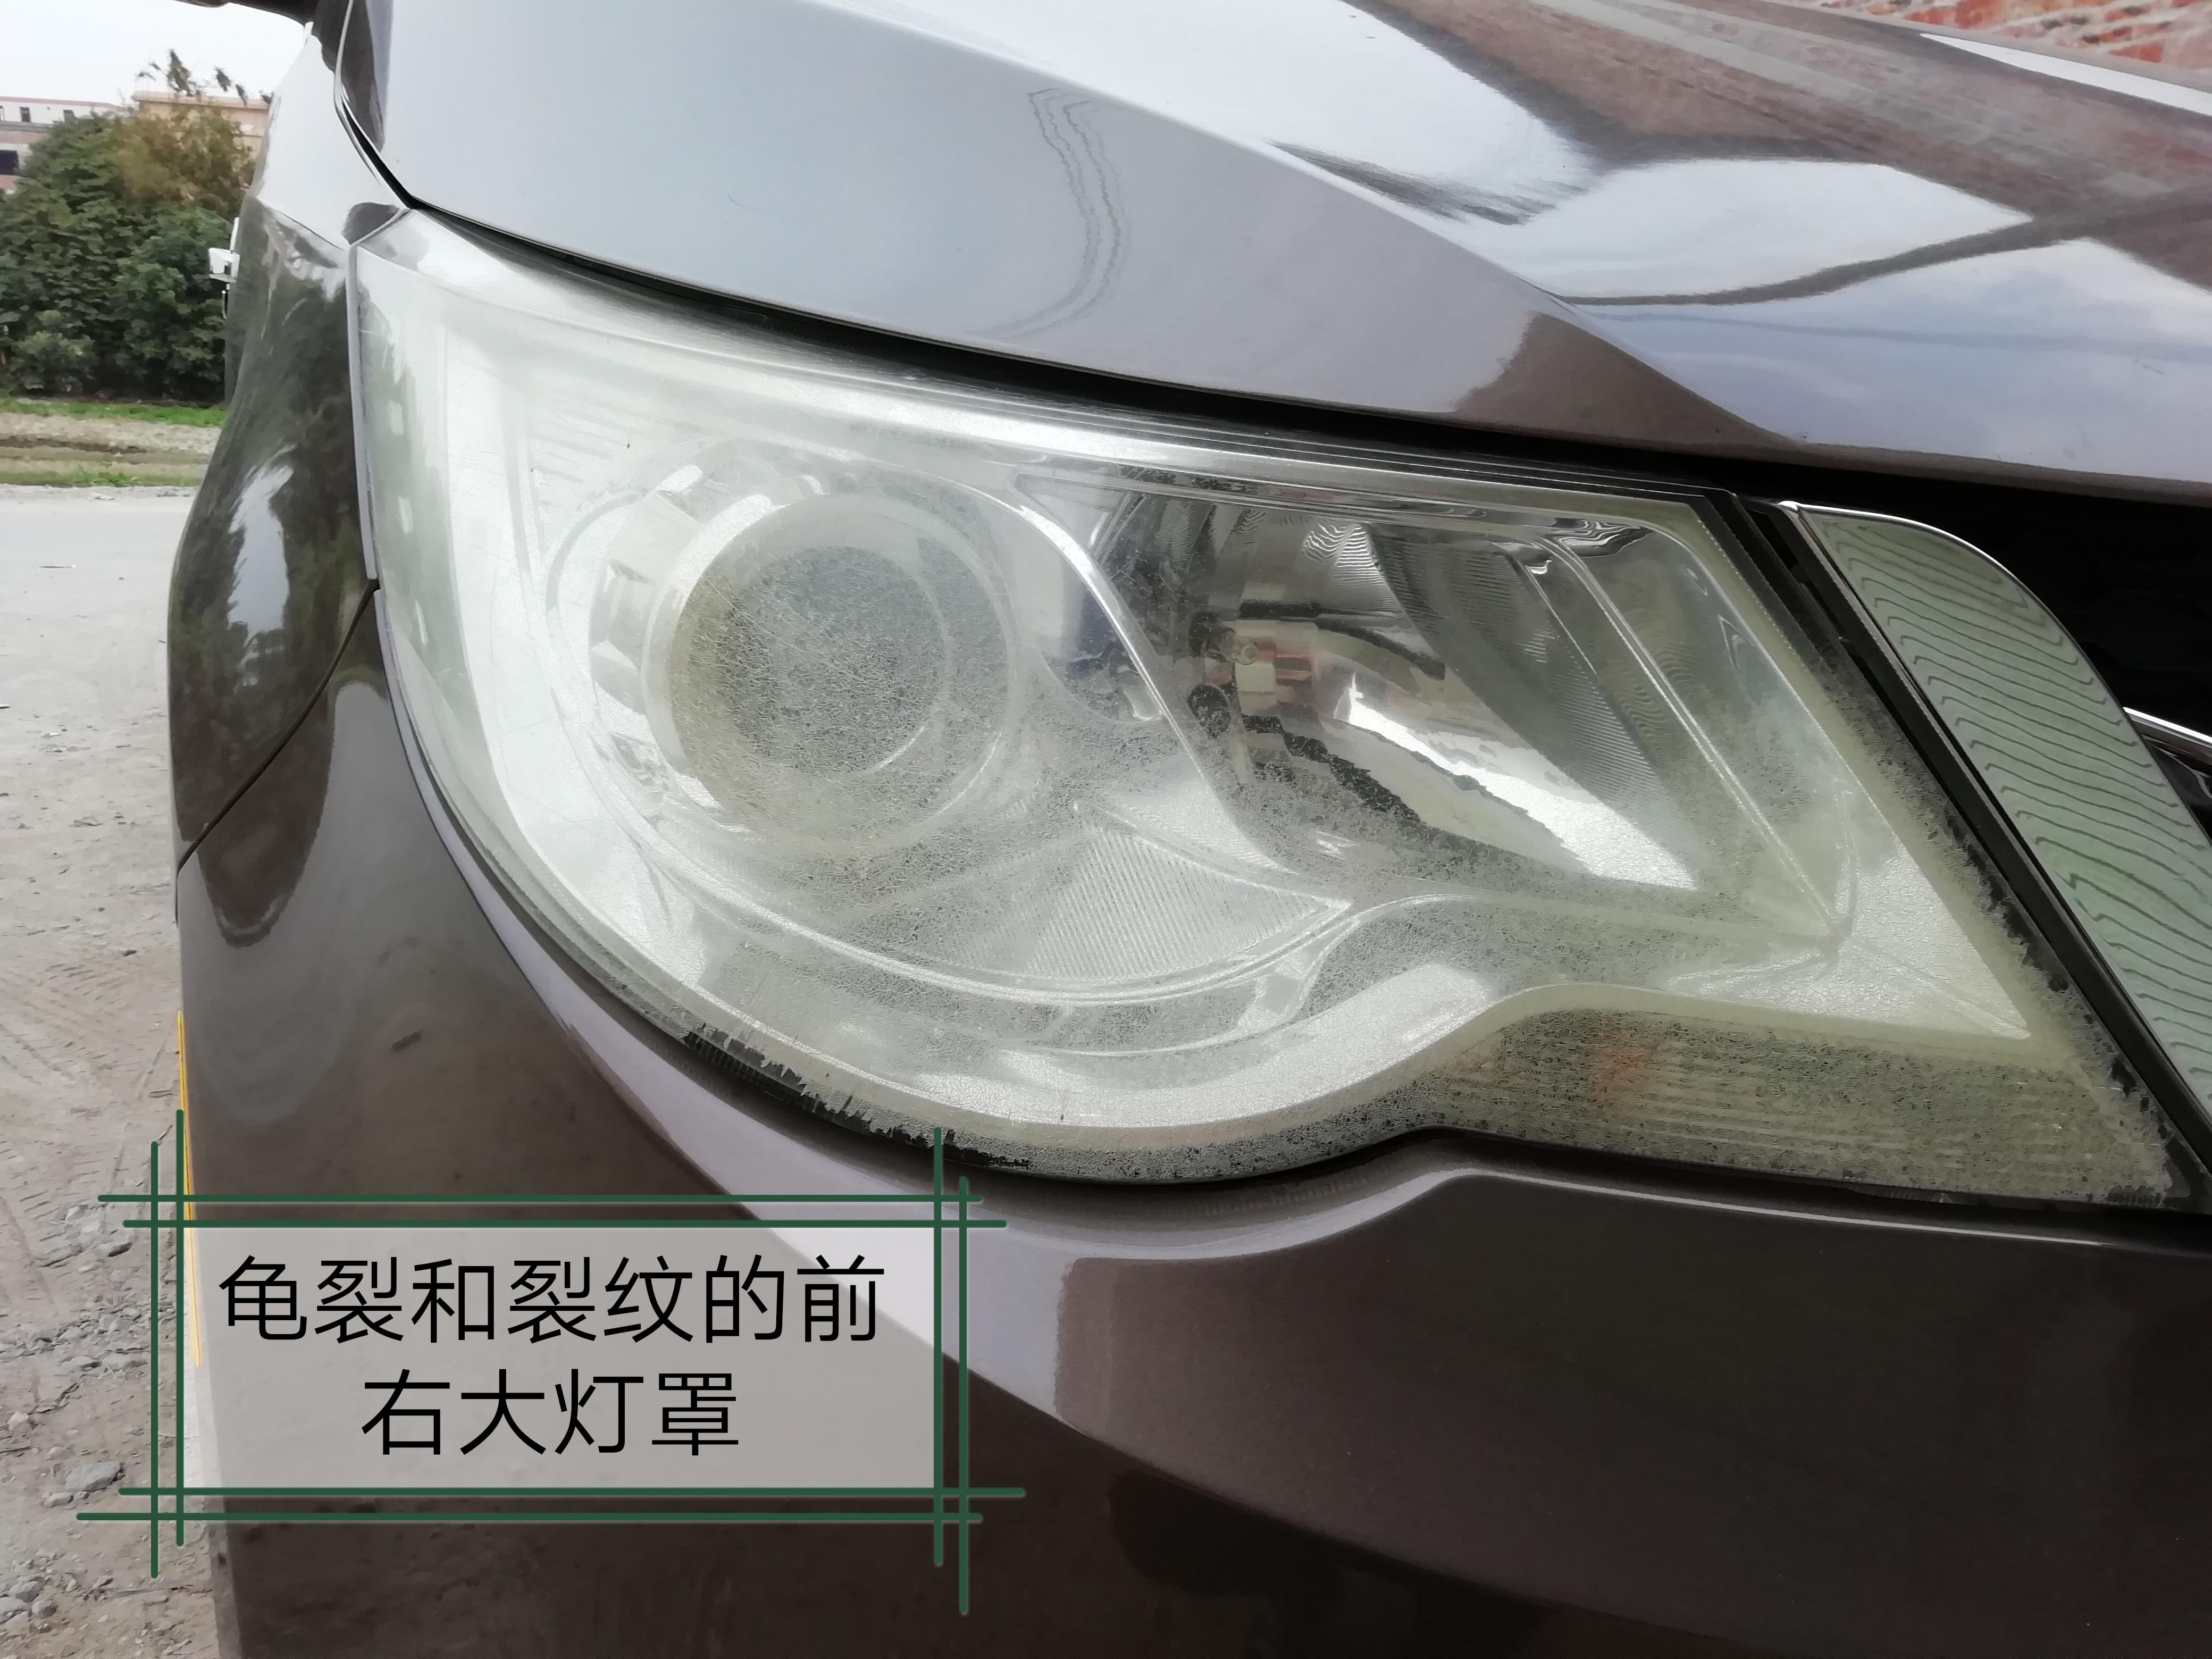 上汽通用五菱-宝骏730 汽车前大灯罩龟裂